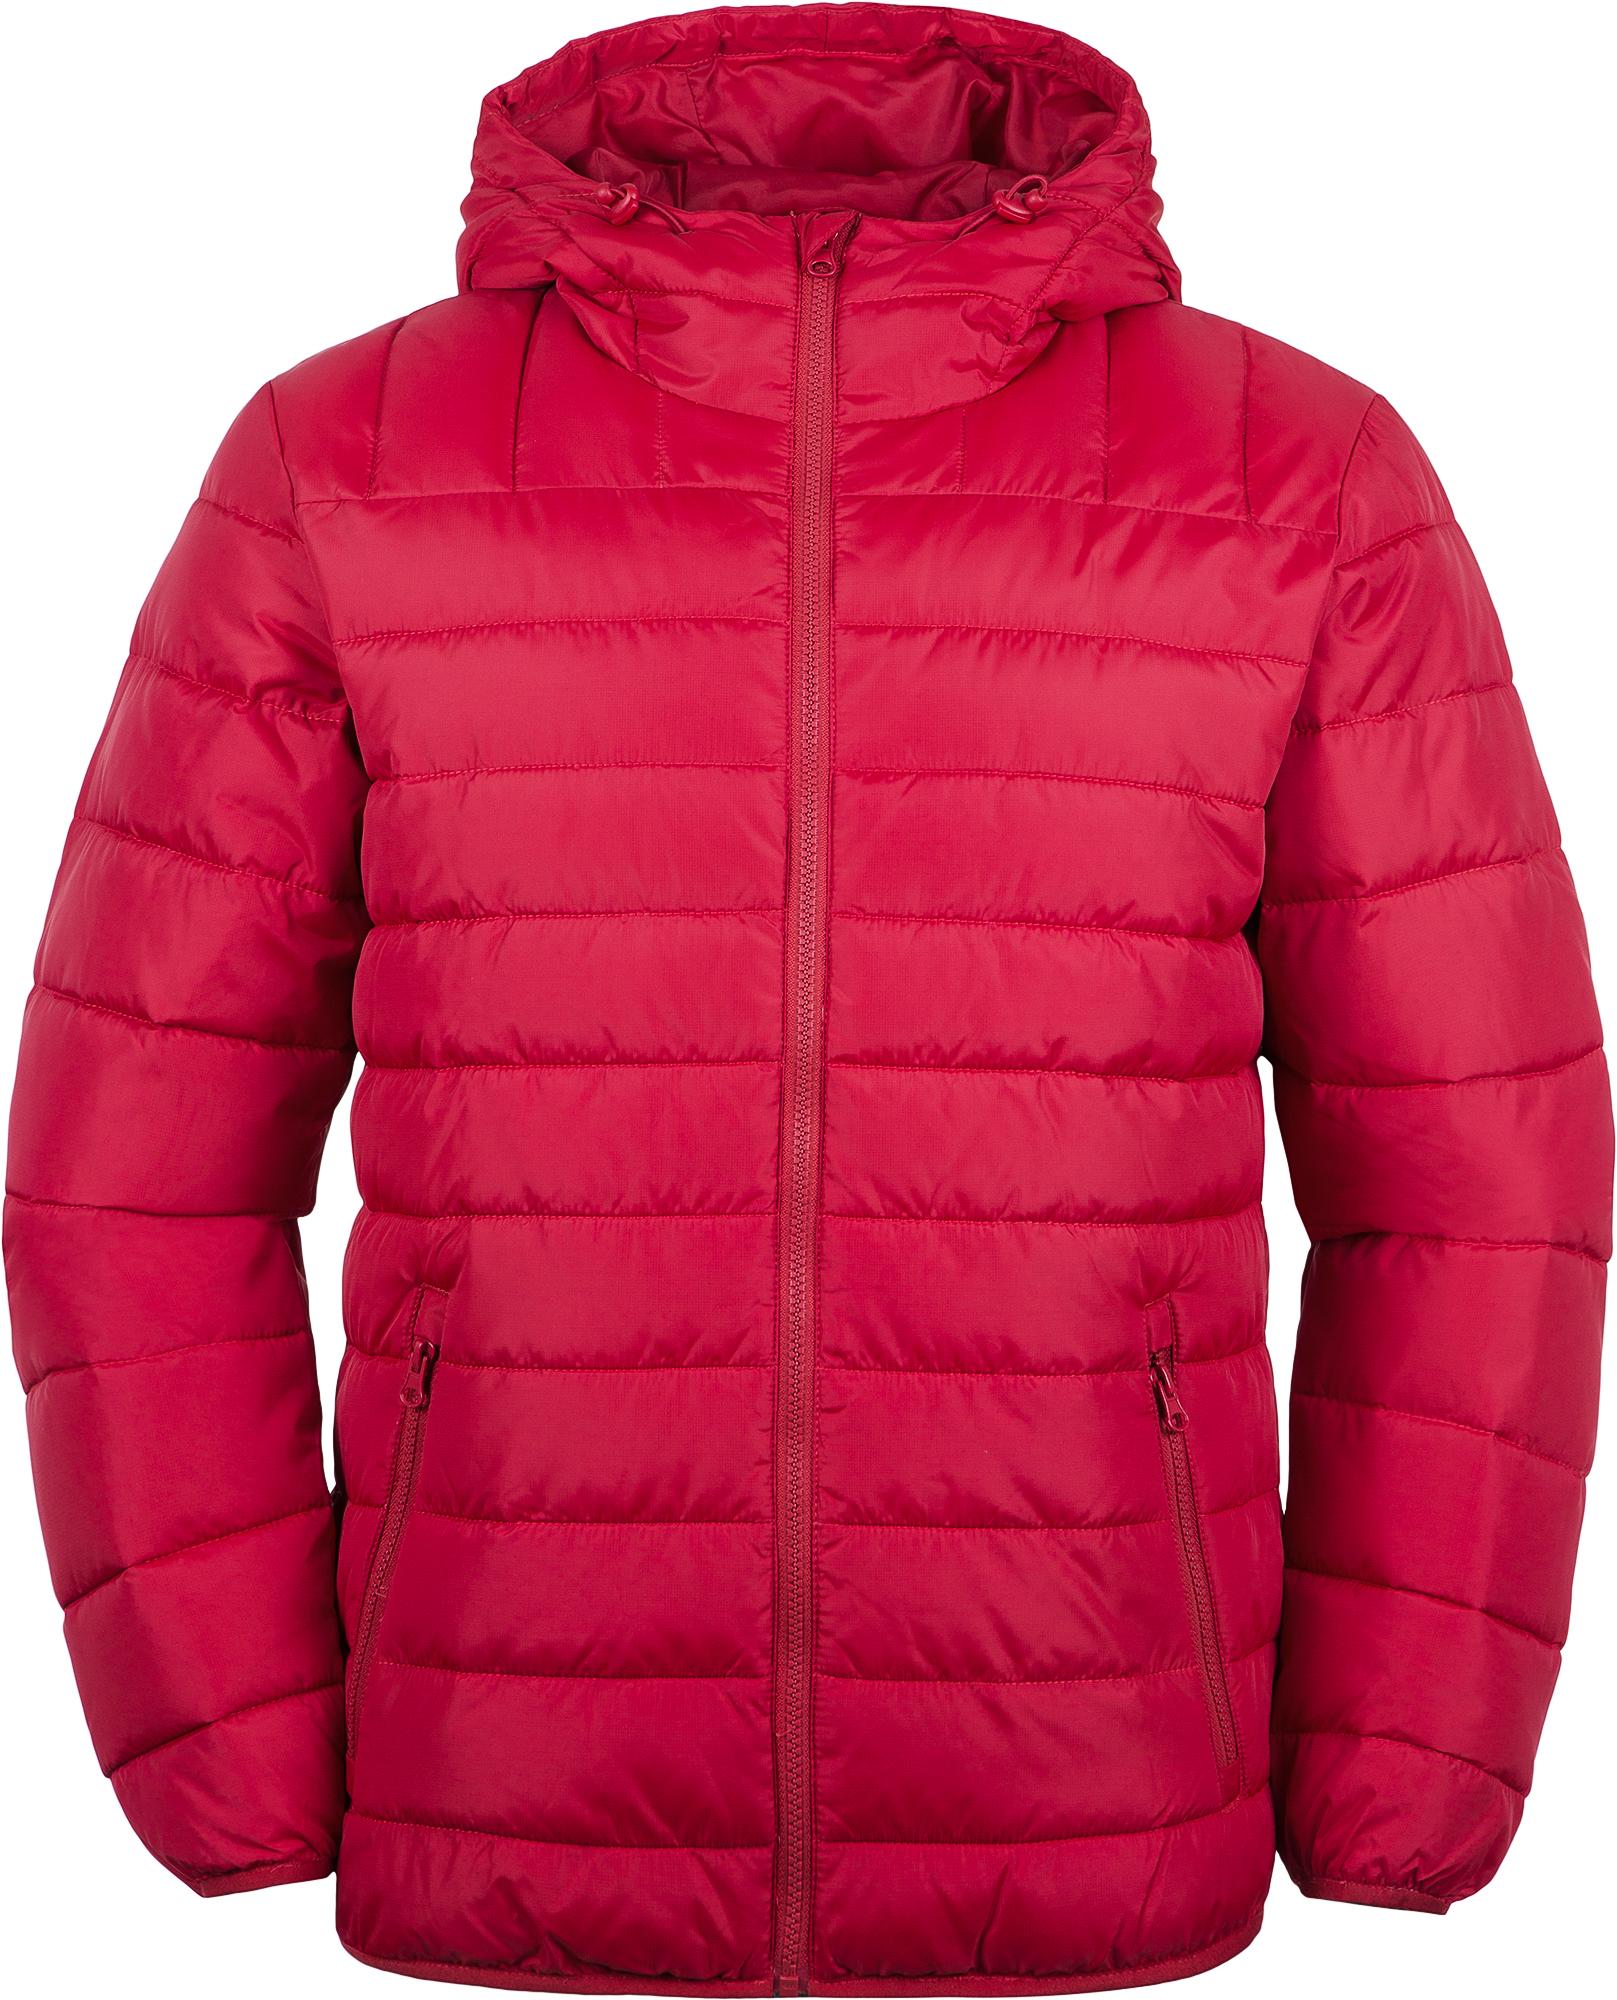 Demix Куртка утепленная мужская Demix, размер 52-54 demix куртка утепленная мужская demix размер 62